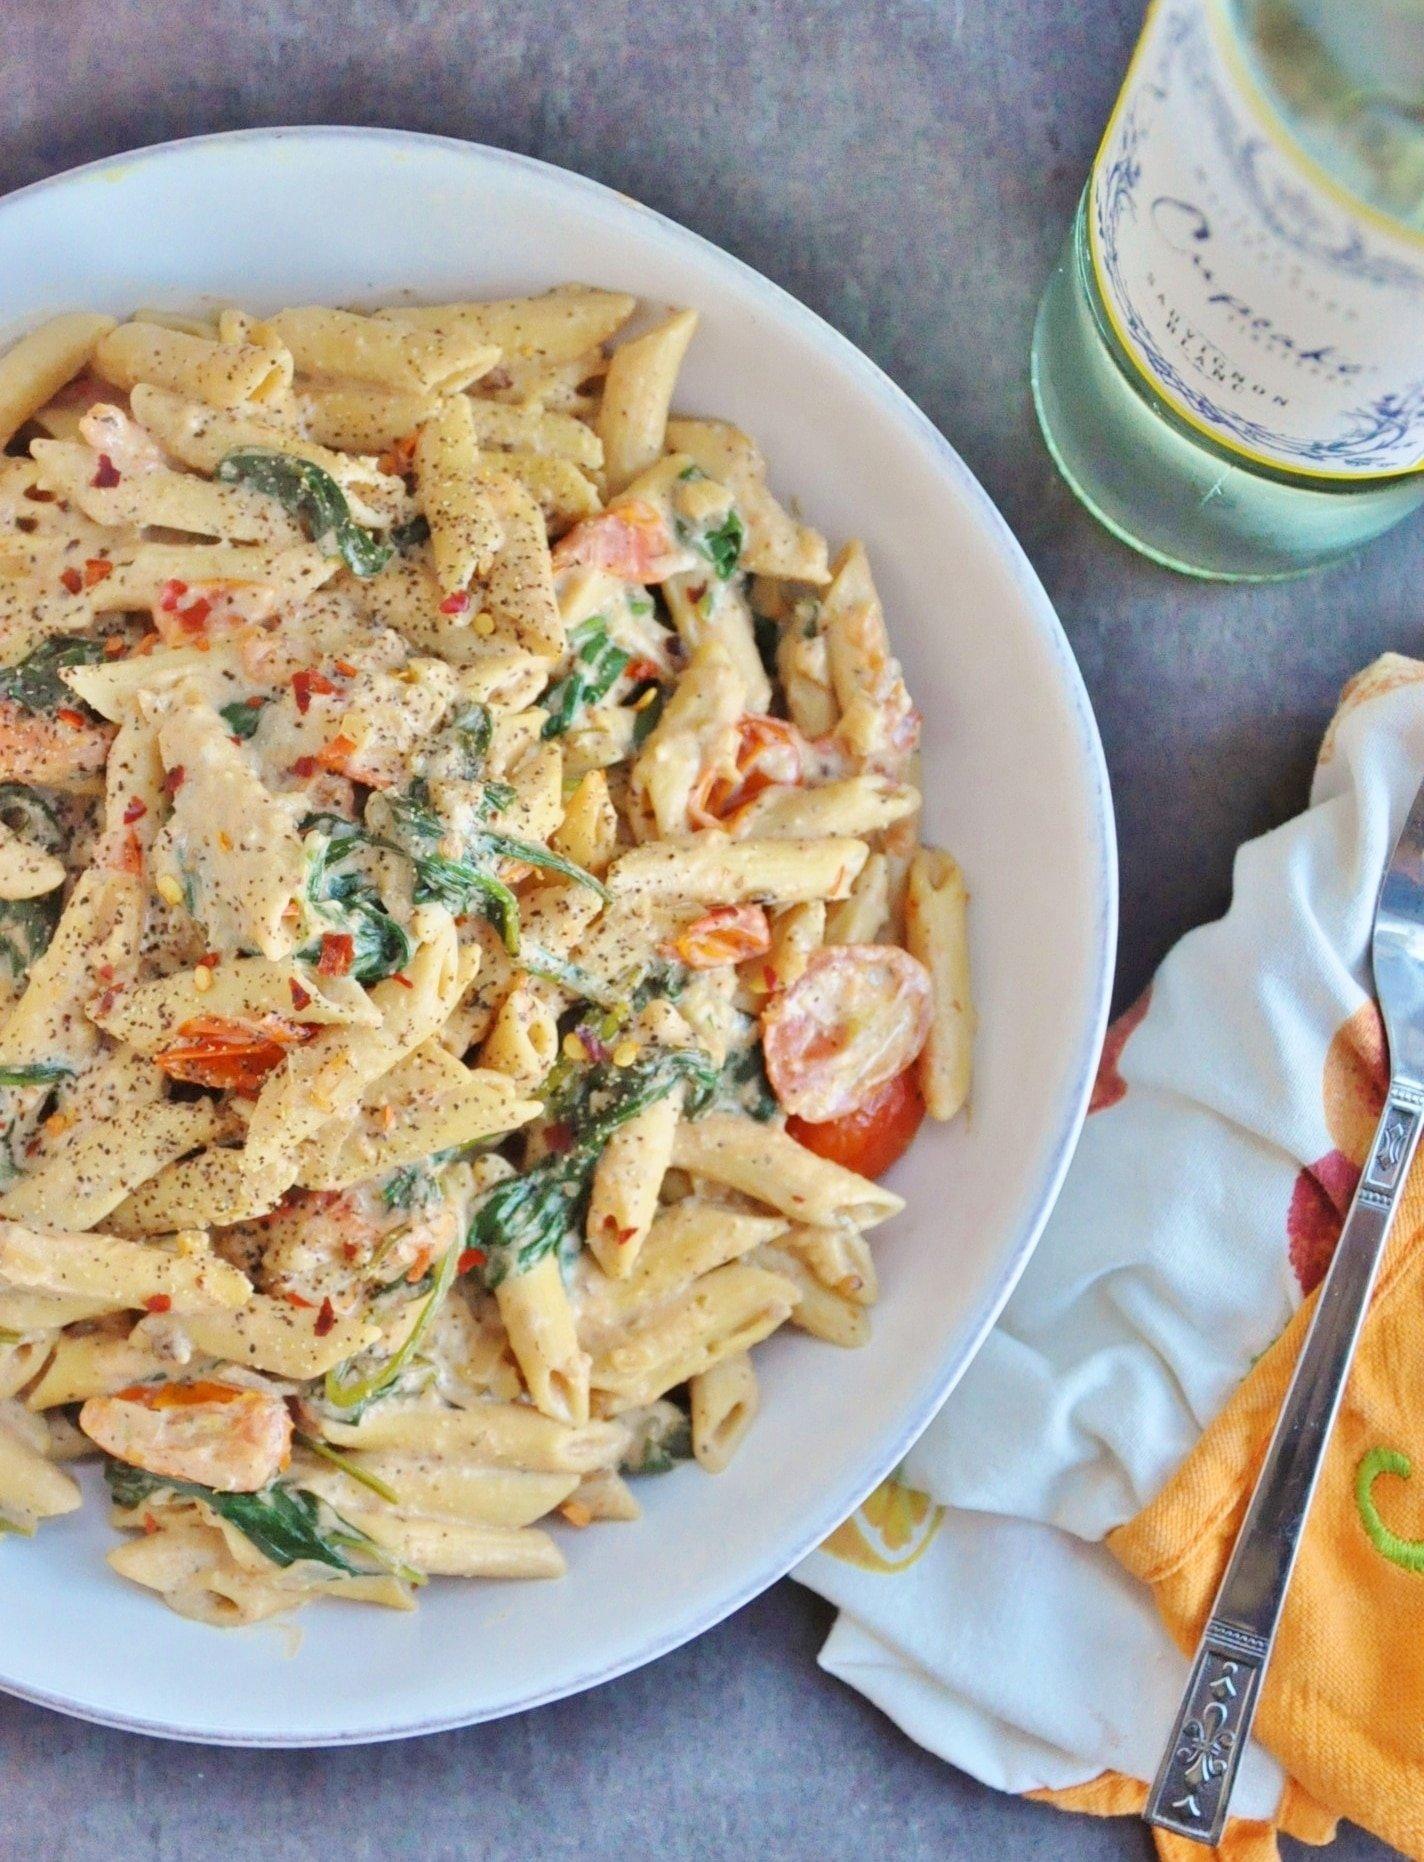 Creamy Spicy Vegan Pasta (gluten-free)